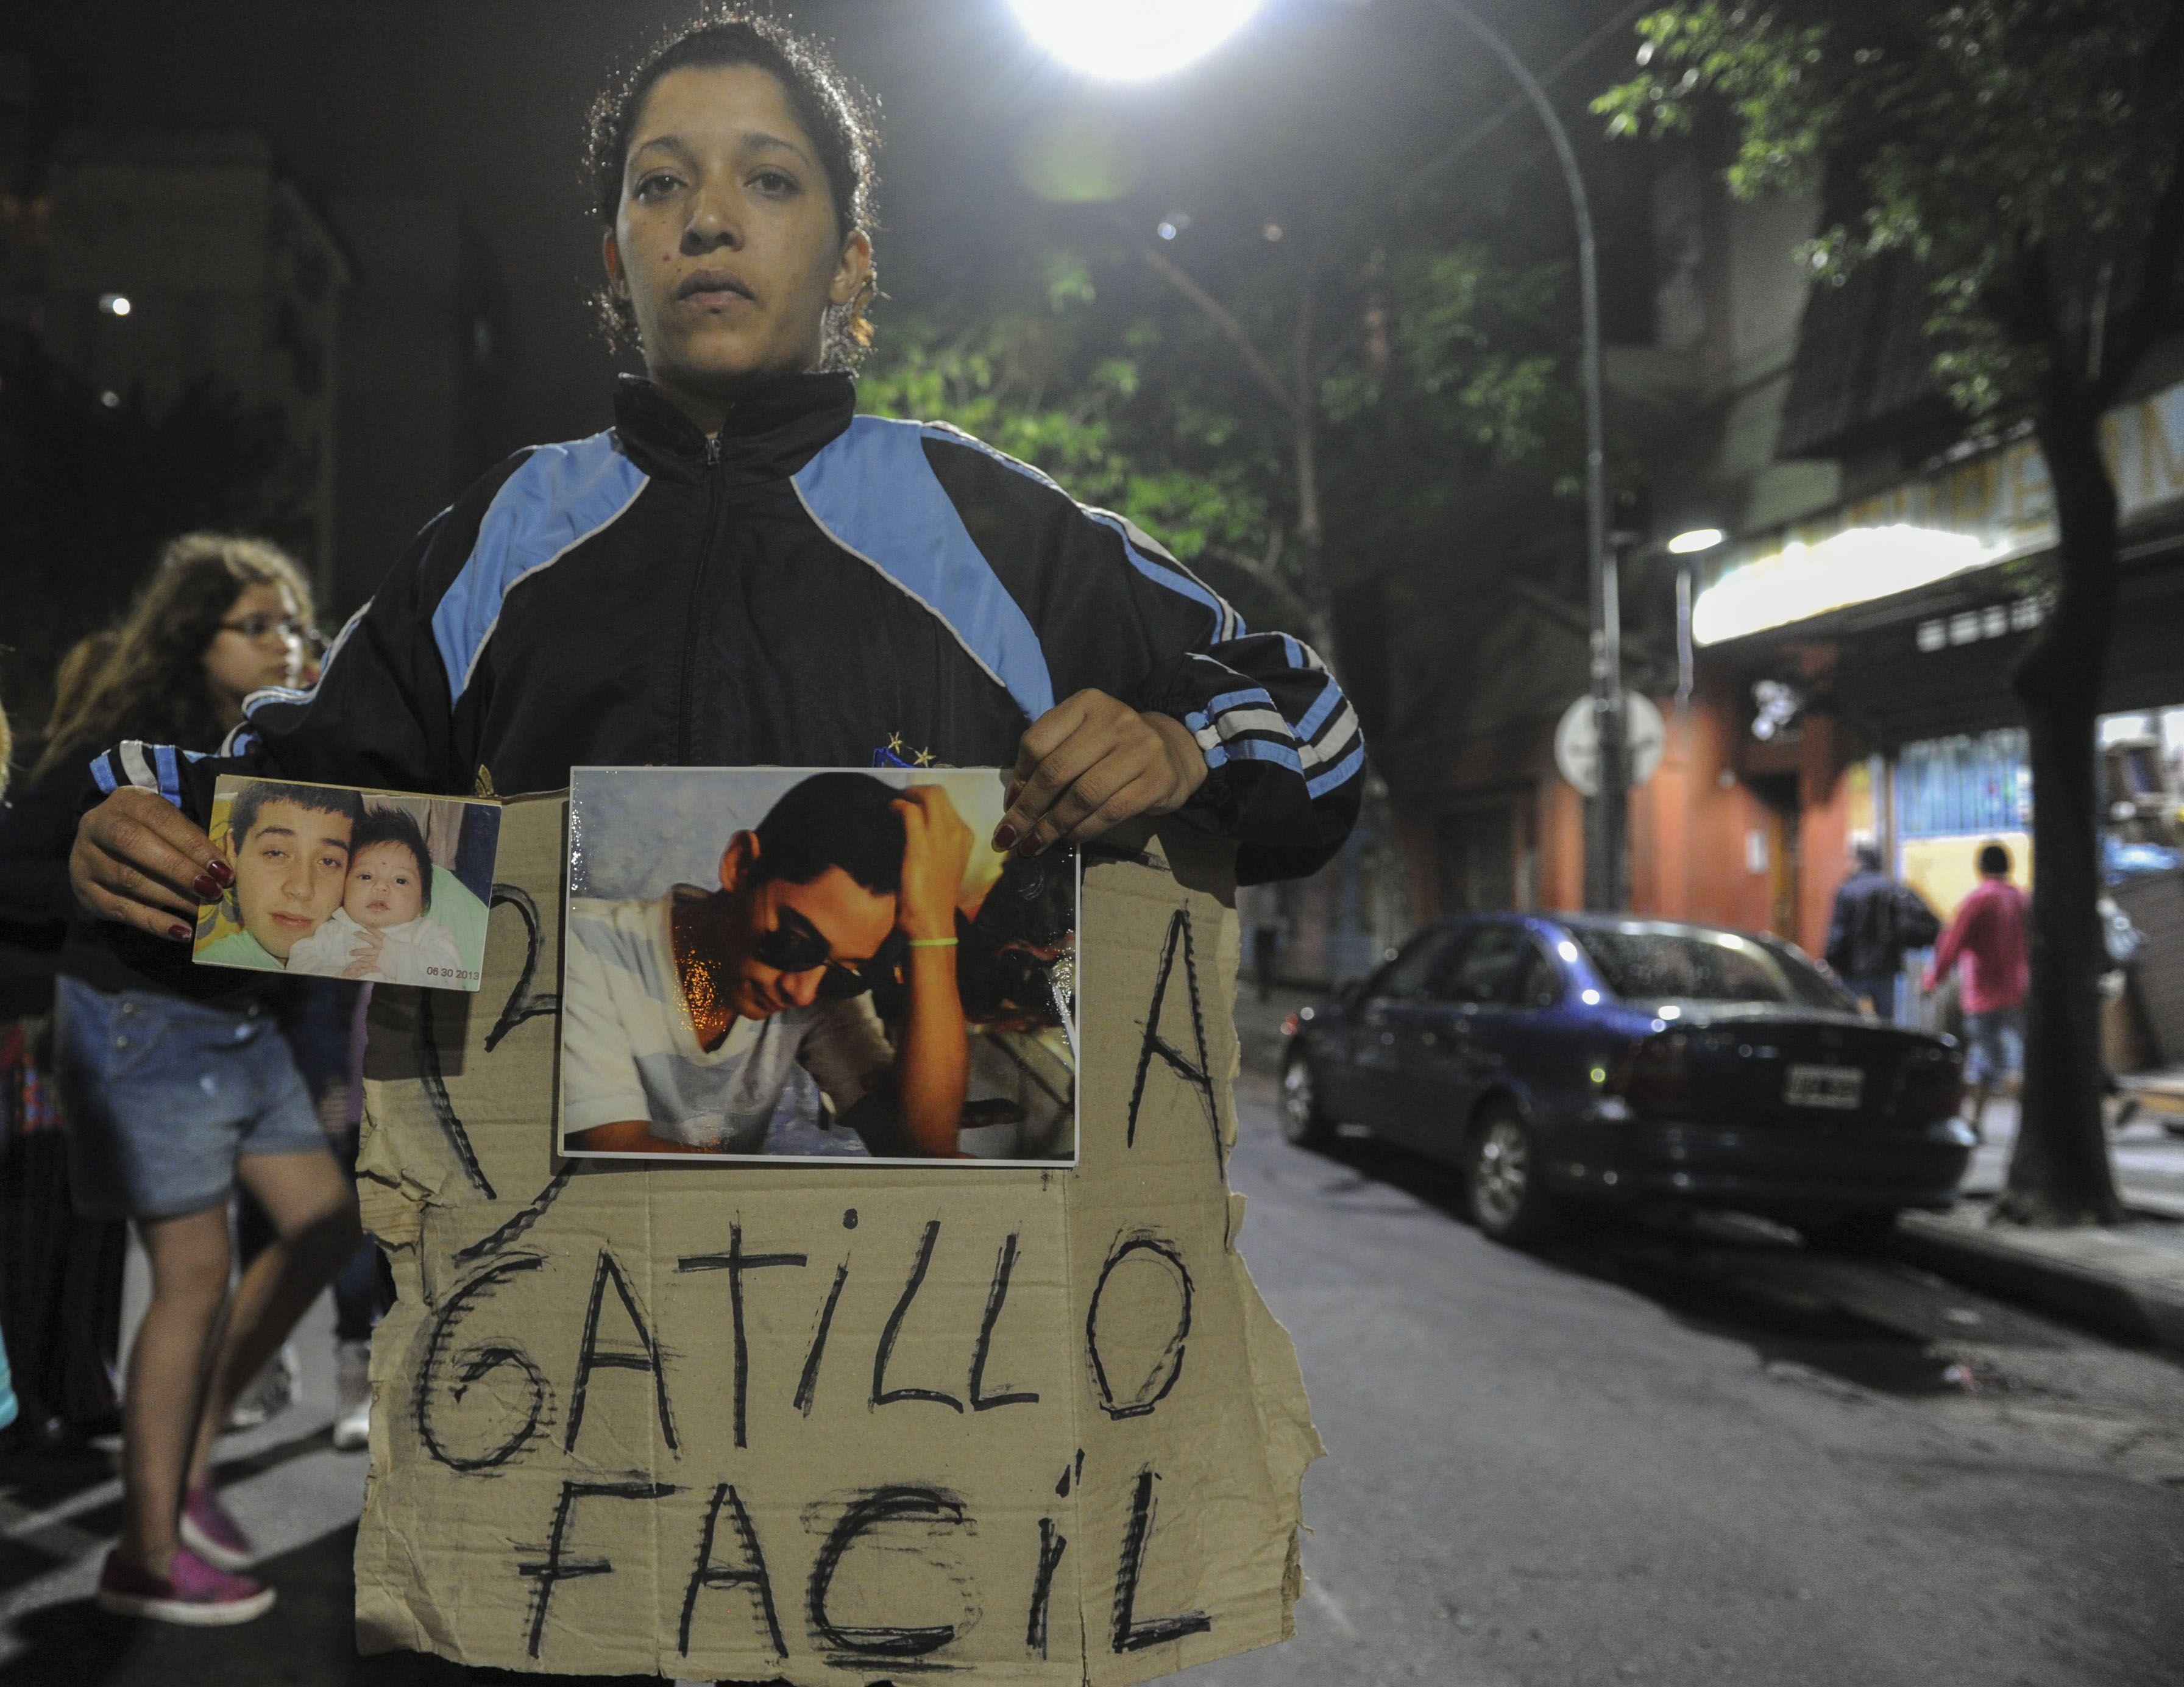 Gatillo fácil: piden que el policía que baleó al trapito vuelva a prisión